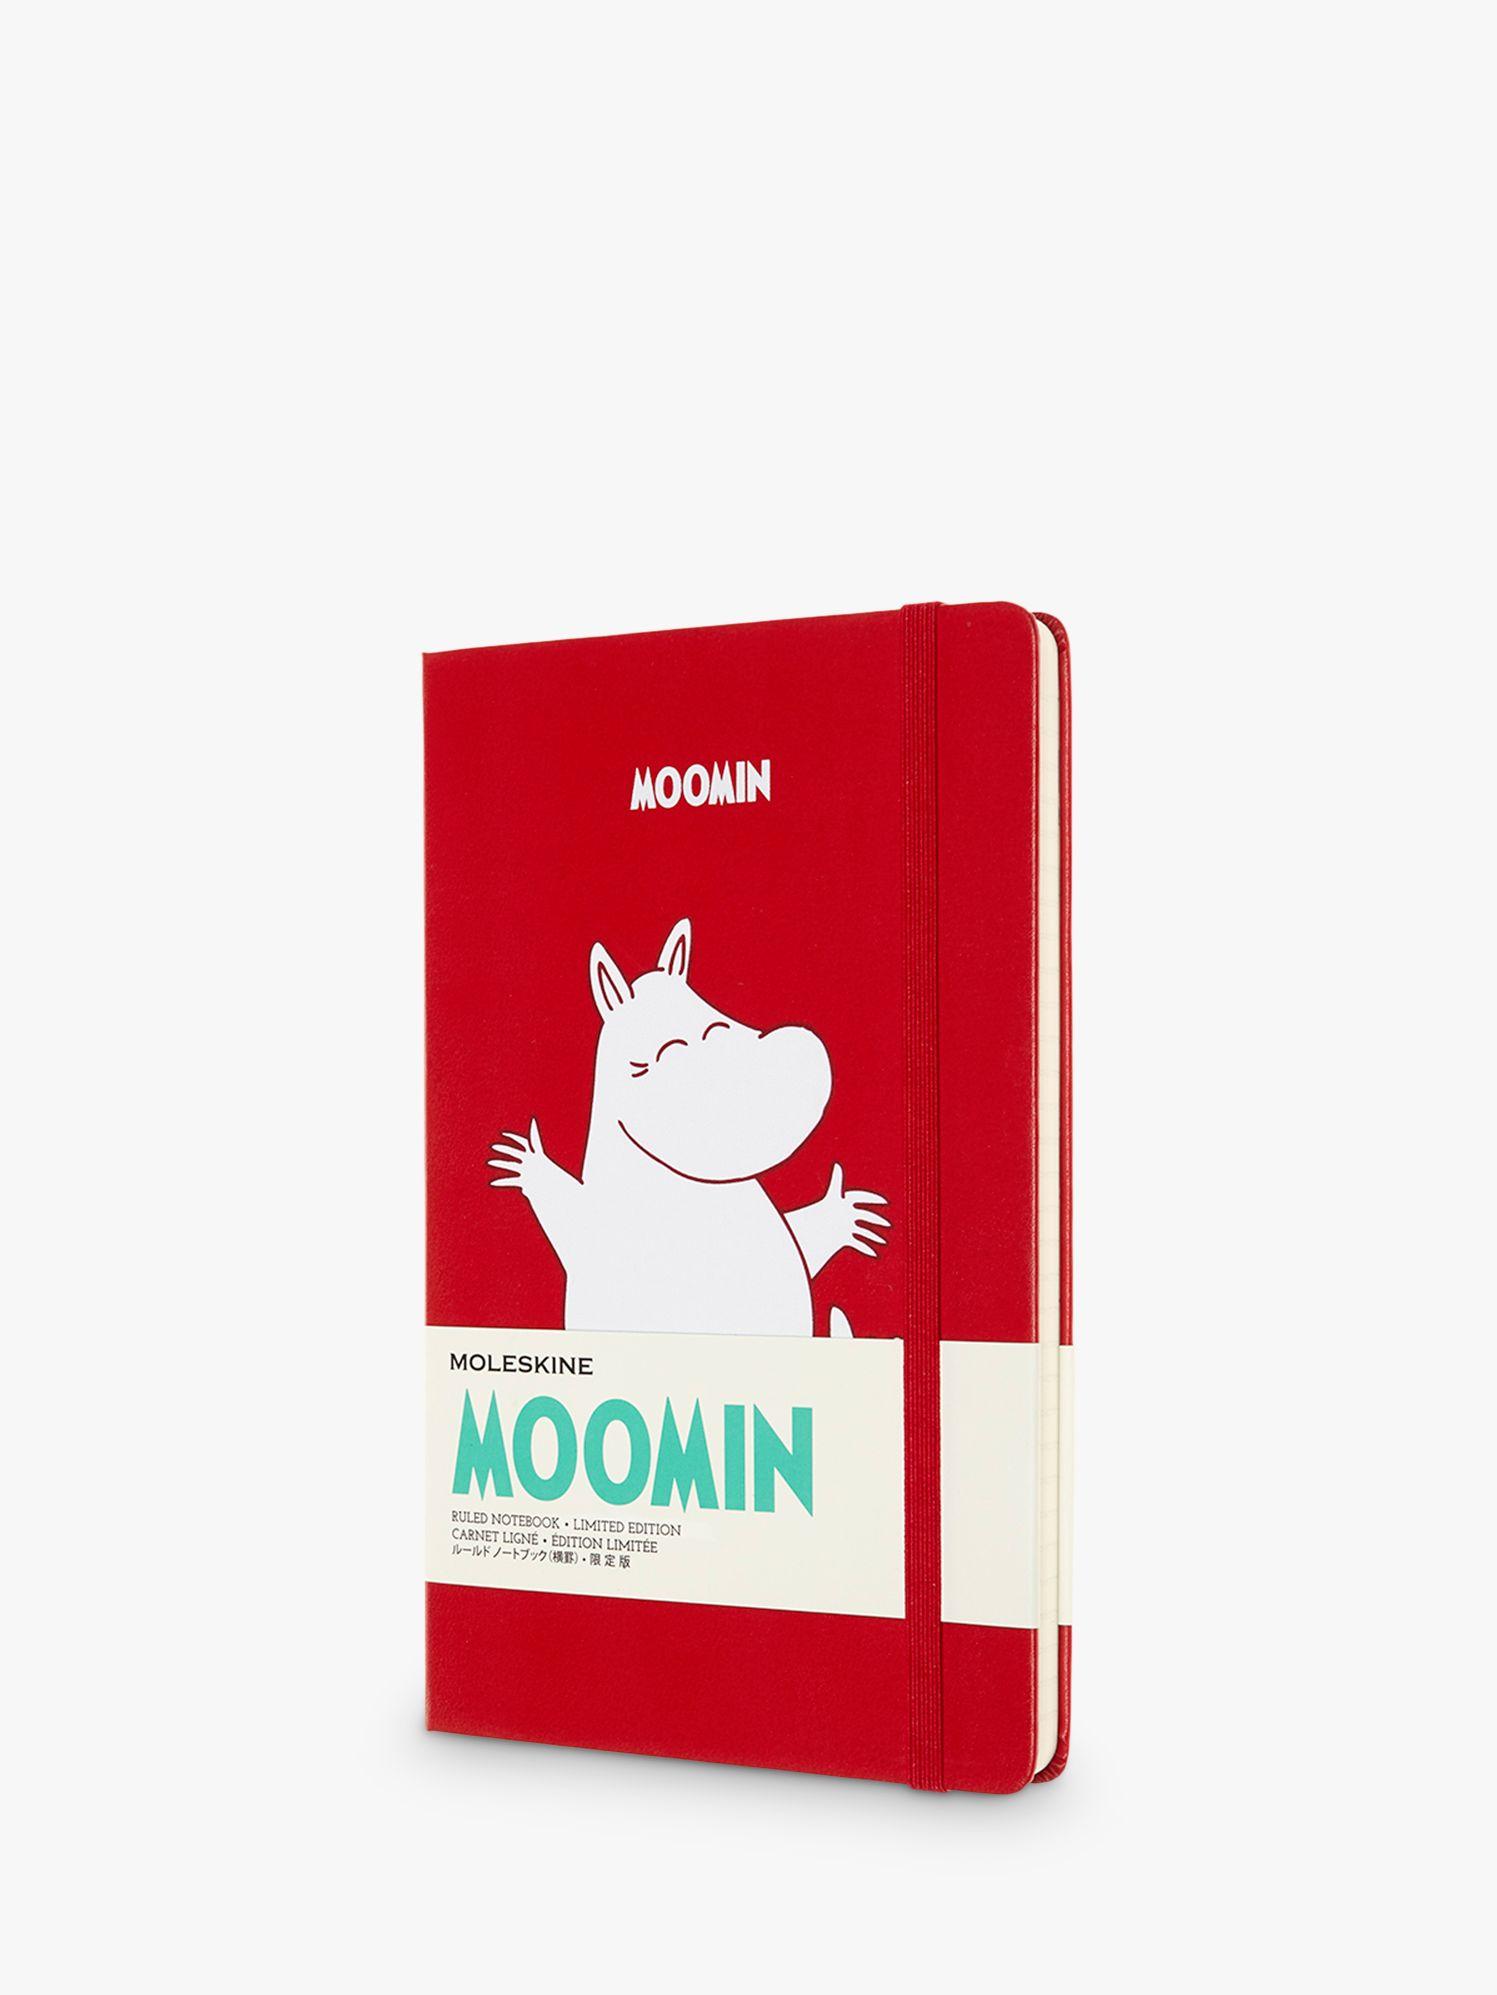 Moleskine Moleskine Large Le Moomin Ruled Notebook, Red